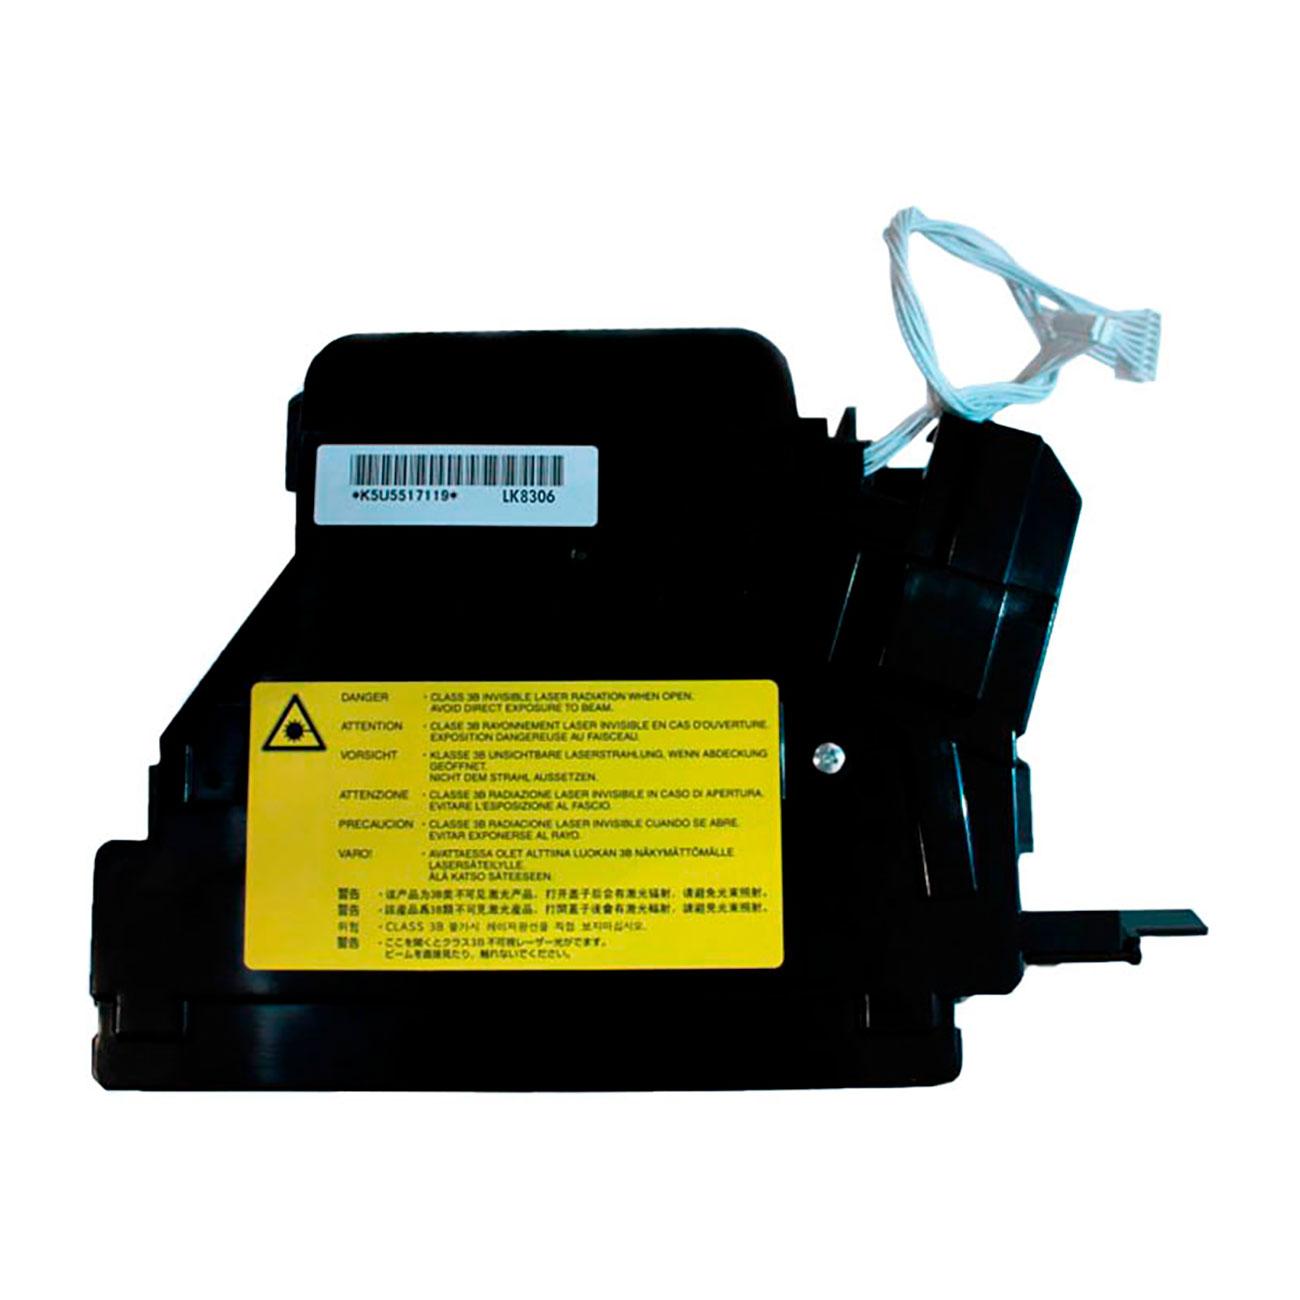 Фото Блок лазера Kyocera LK-8306 для Kyocera TASKalfa CS 3051ci, CS 3551ci, CS 4551ci, CS 5551ci {302L693011}